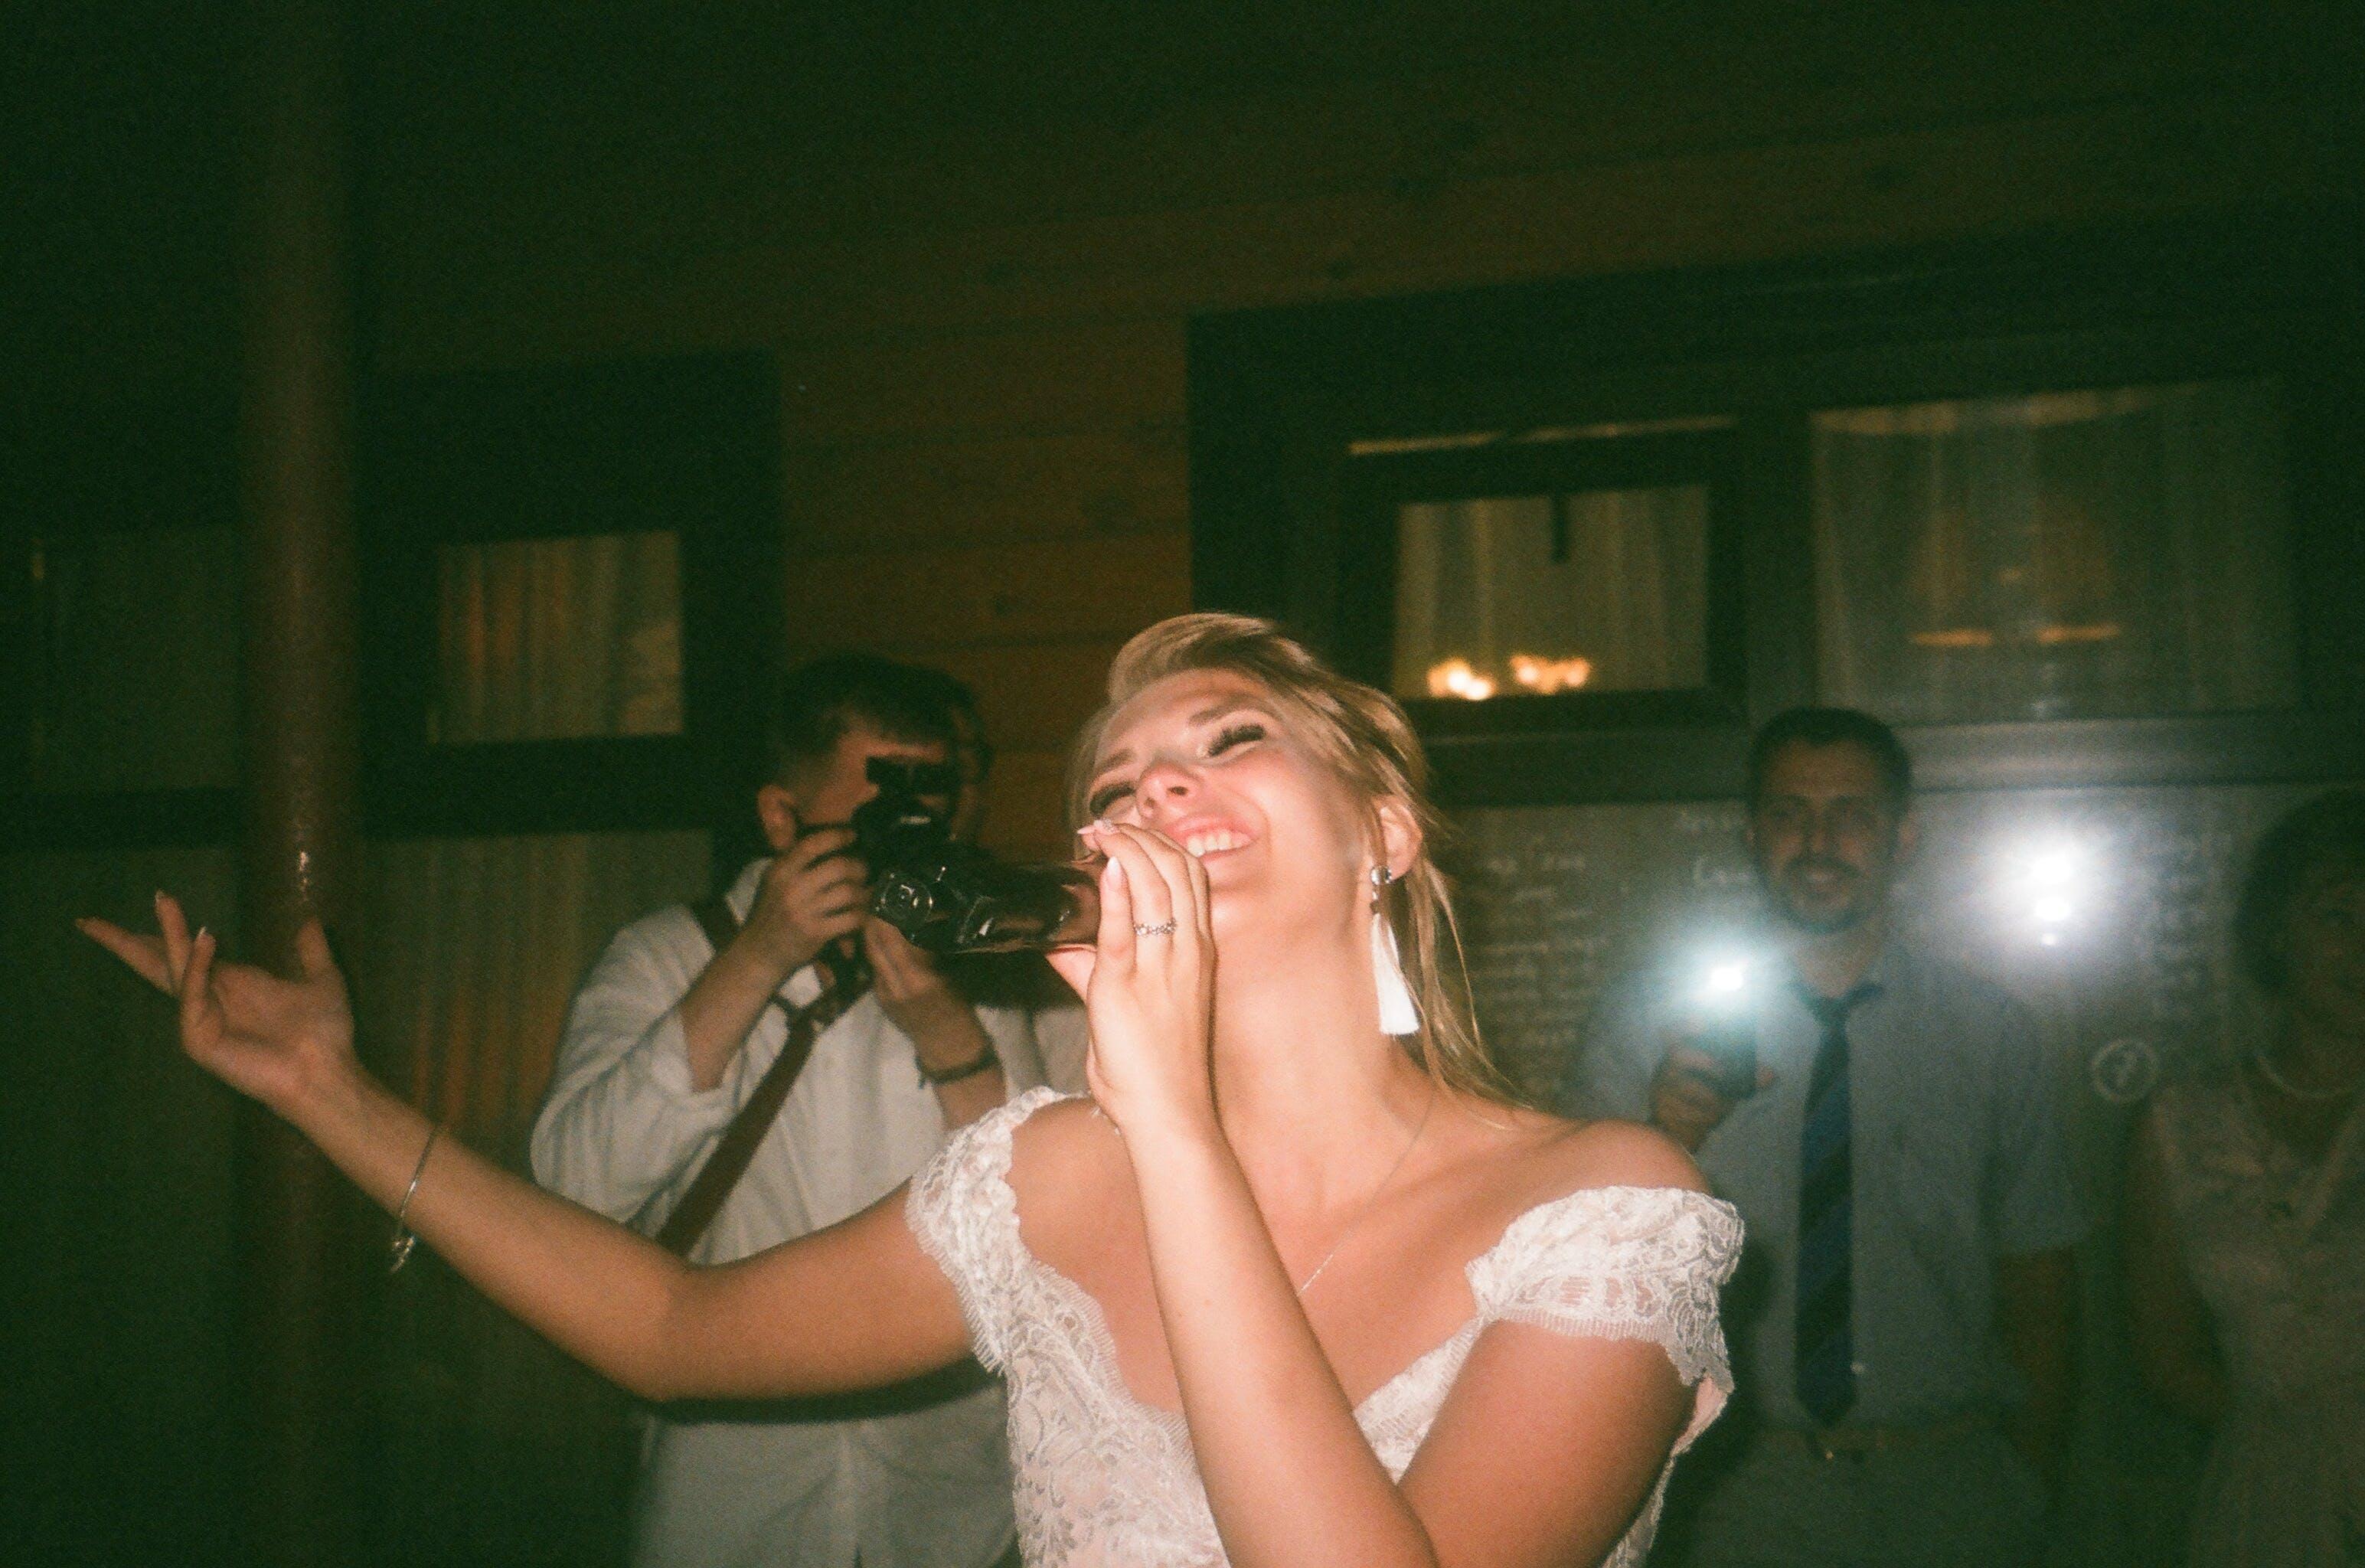 Woman Wearing White Dress While Singing